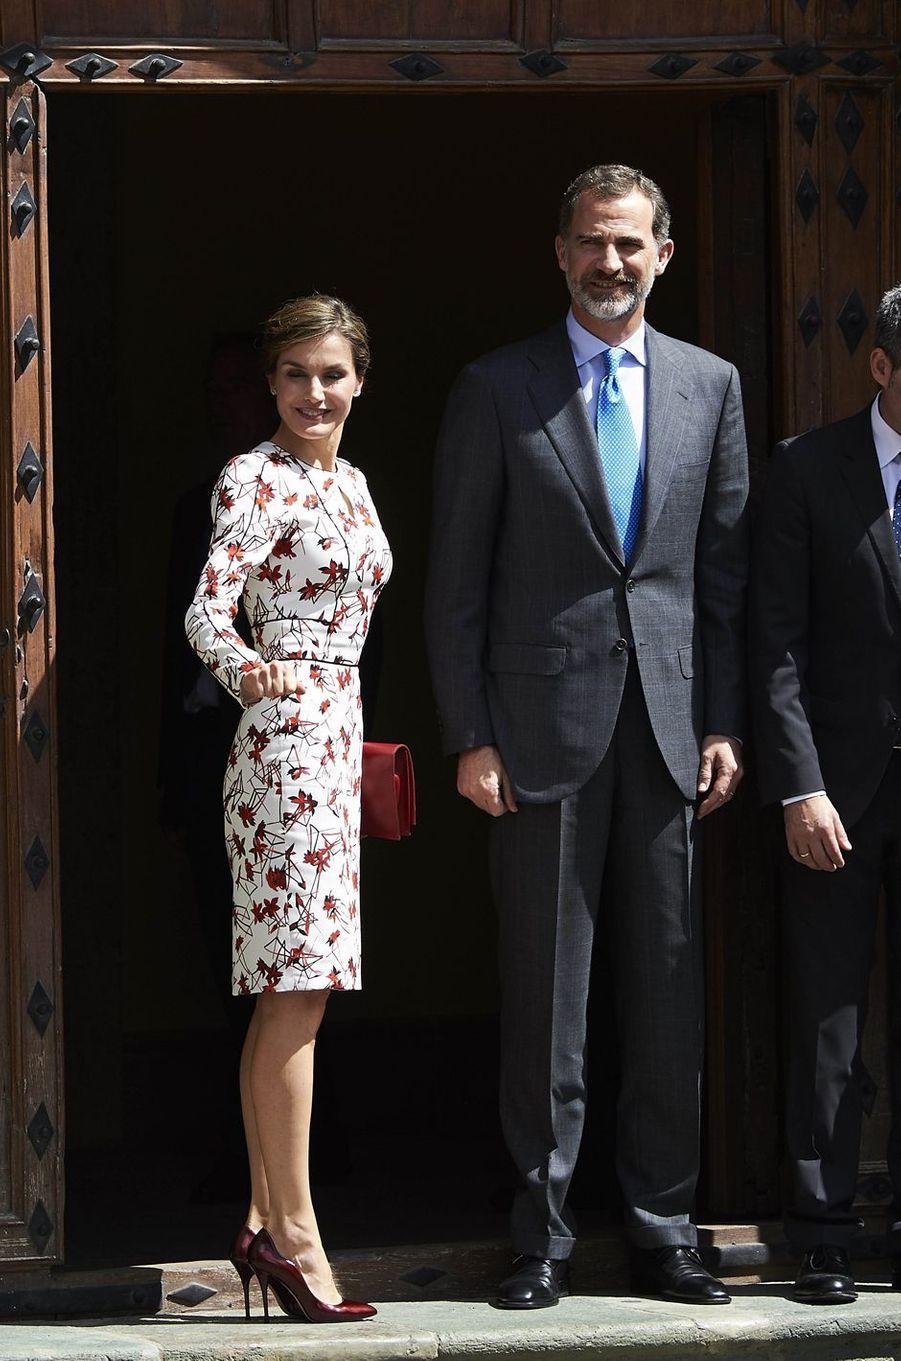 La reine Letizia et le roi Felipe VI d'Espagne débutent leur visite sur l'île de Grande Canarie, le 24 avril 2017